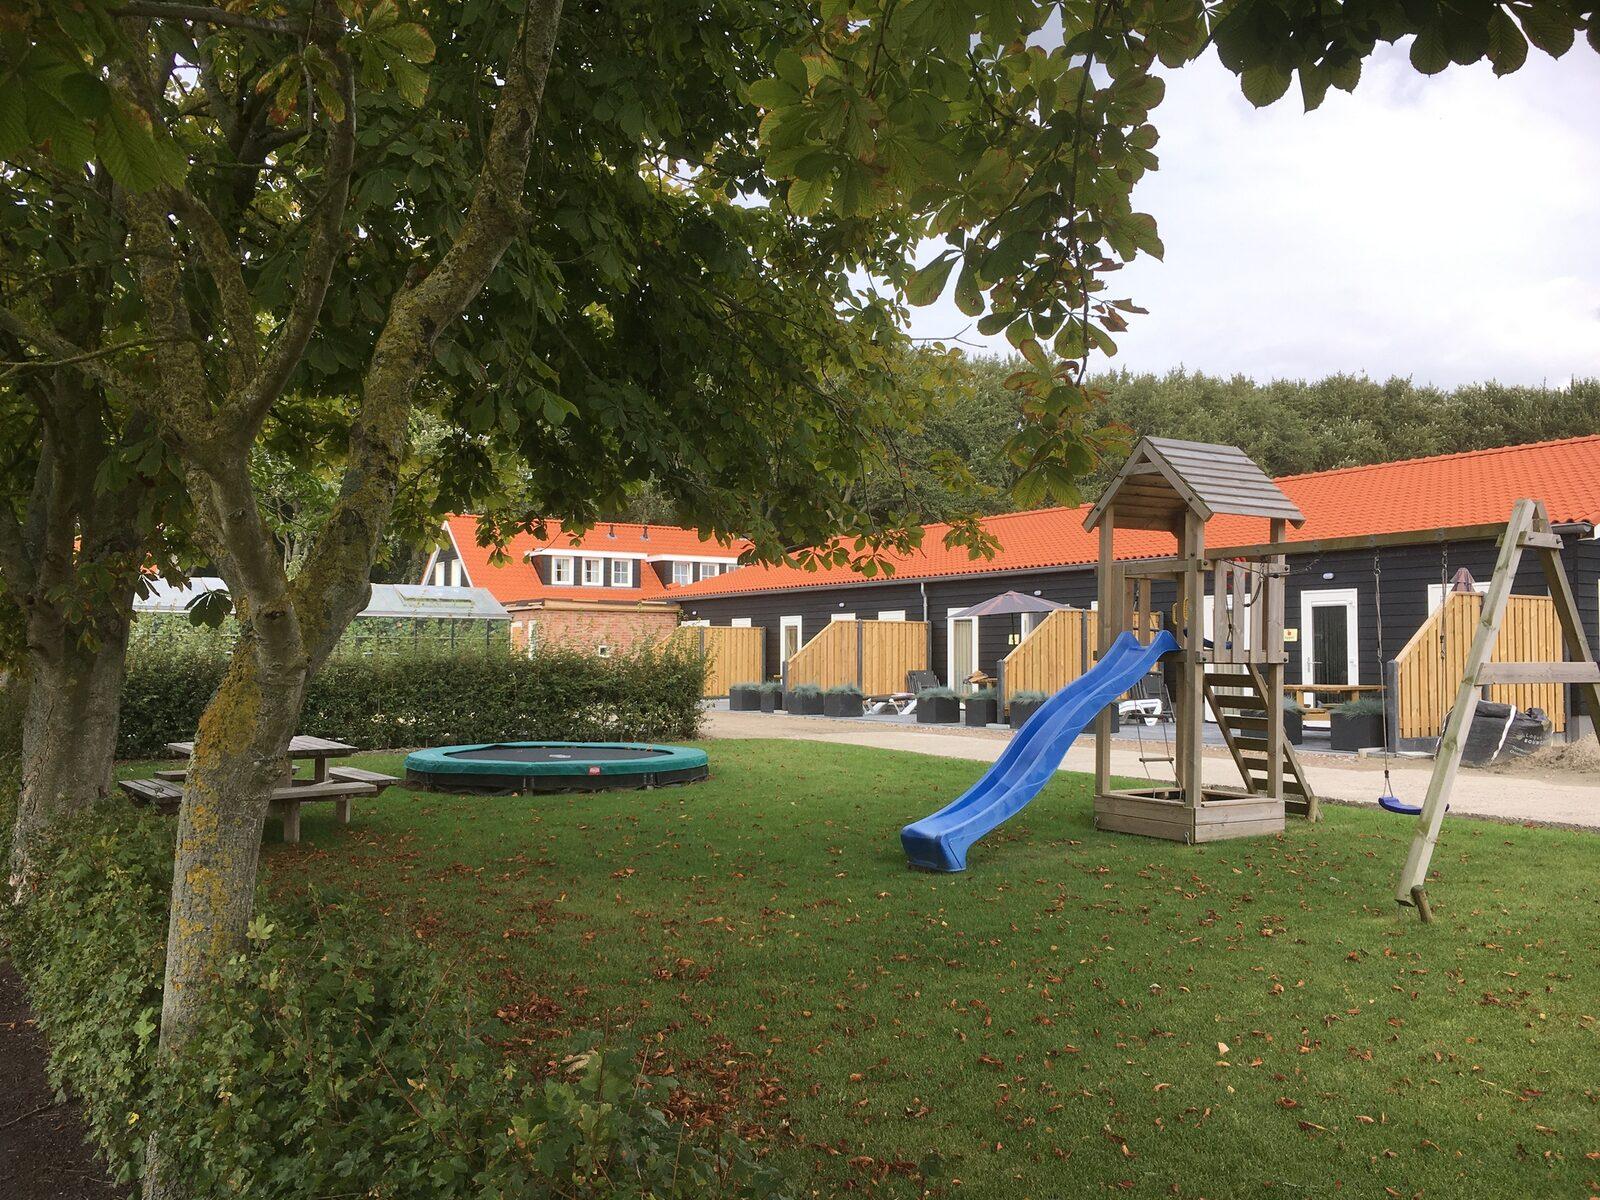 Vakantiehuis Druif